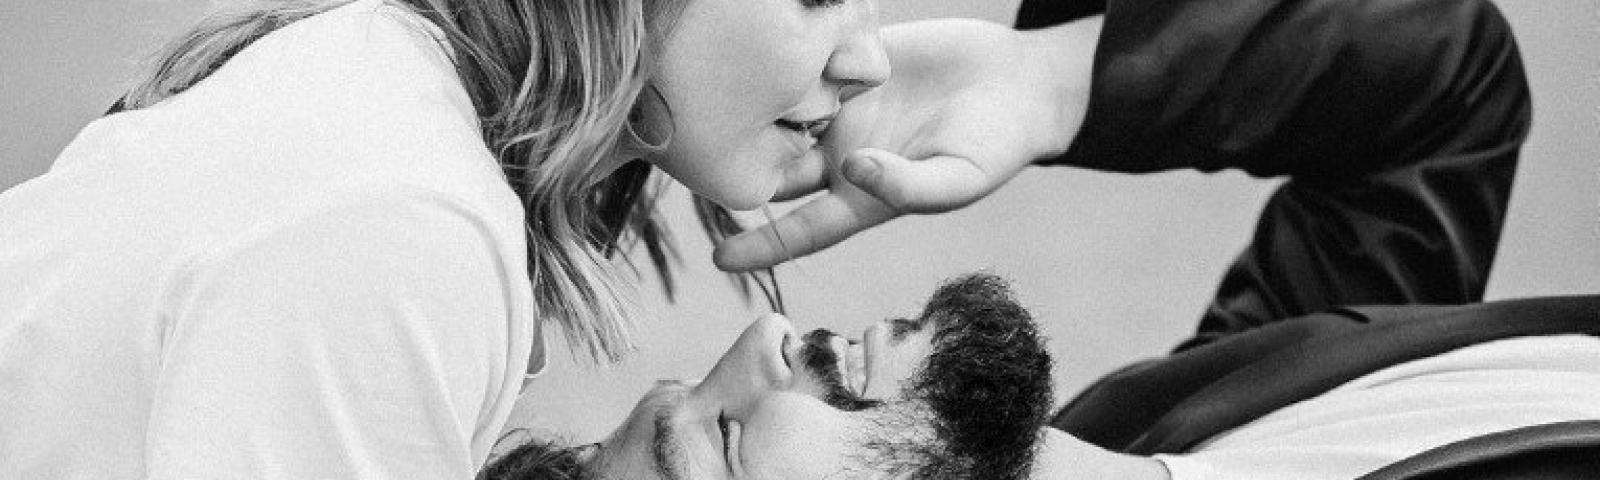 Психология отношений - You know, It's all between us - Ты знаешь, это между нами...